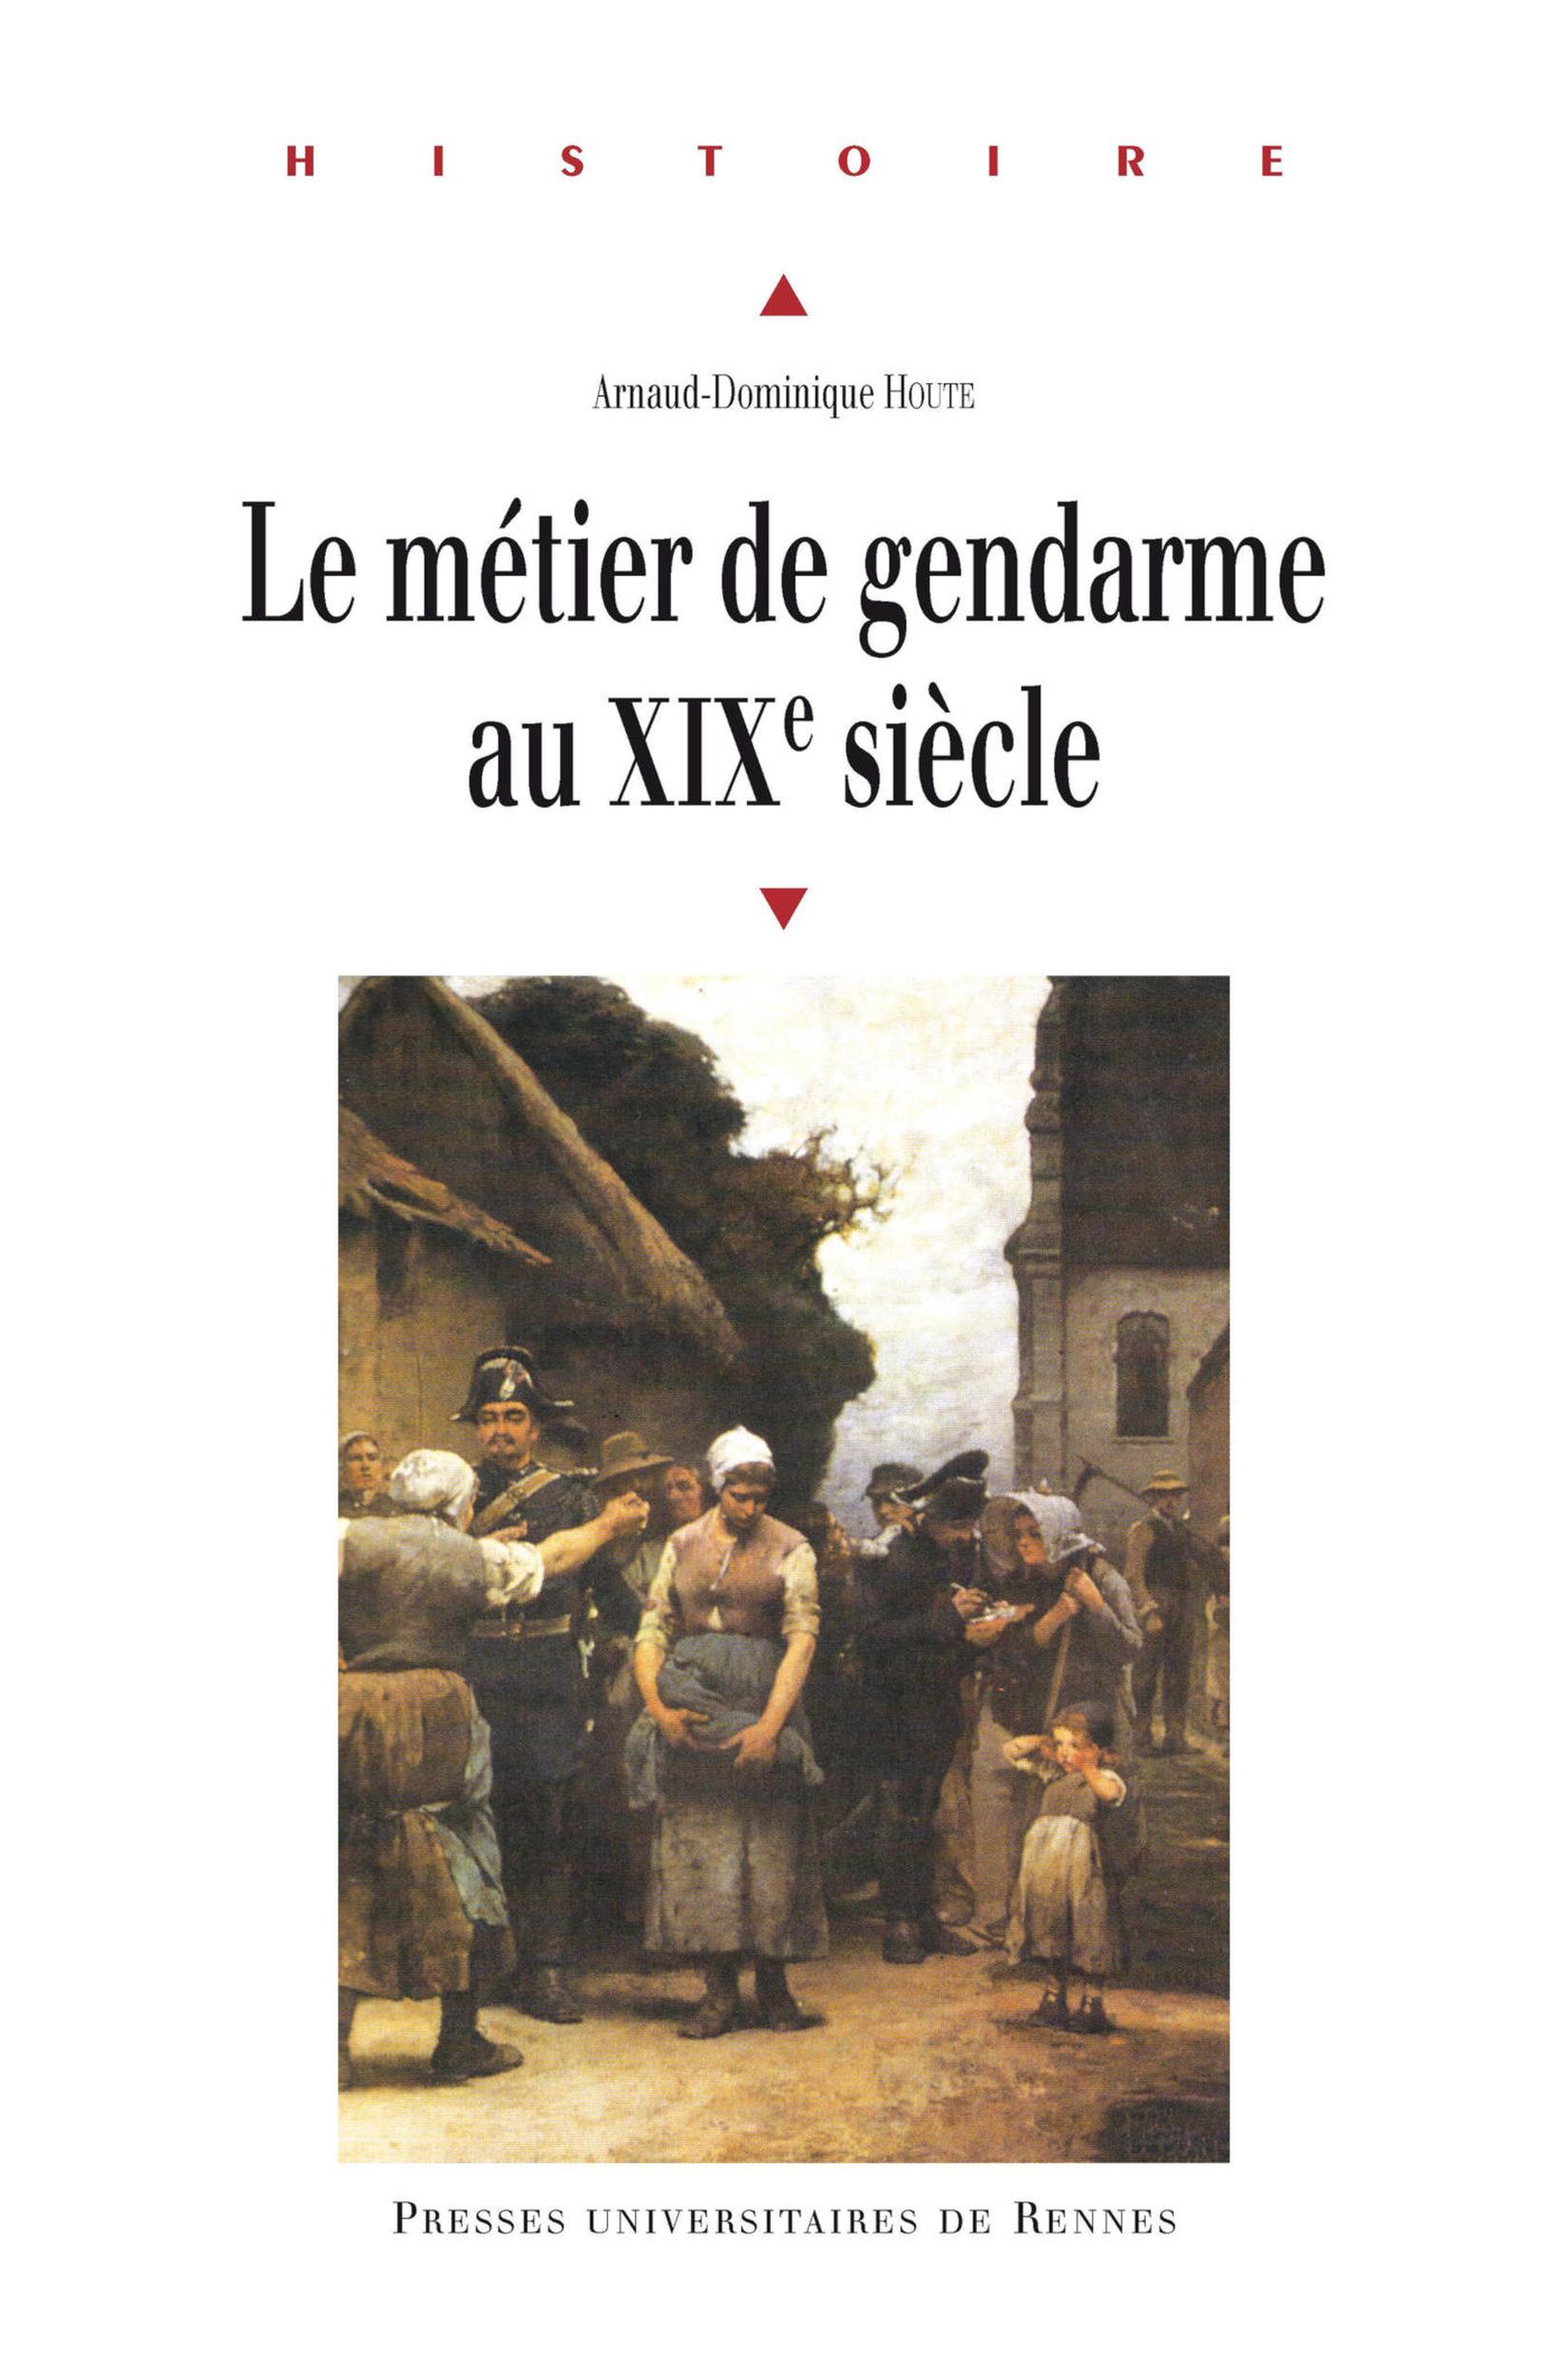 Le métier de gendarme au XIXe siècle  - Arnaud-Dominique Houte